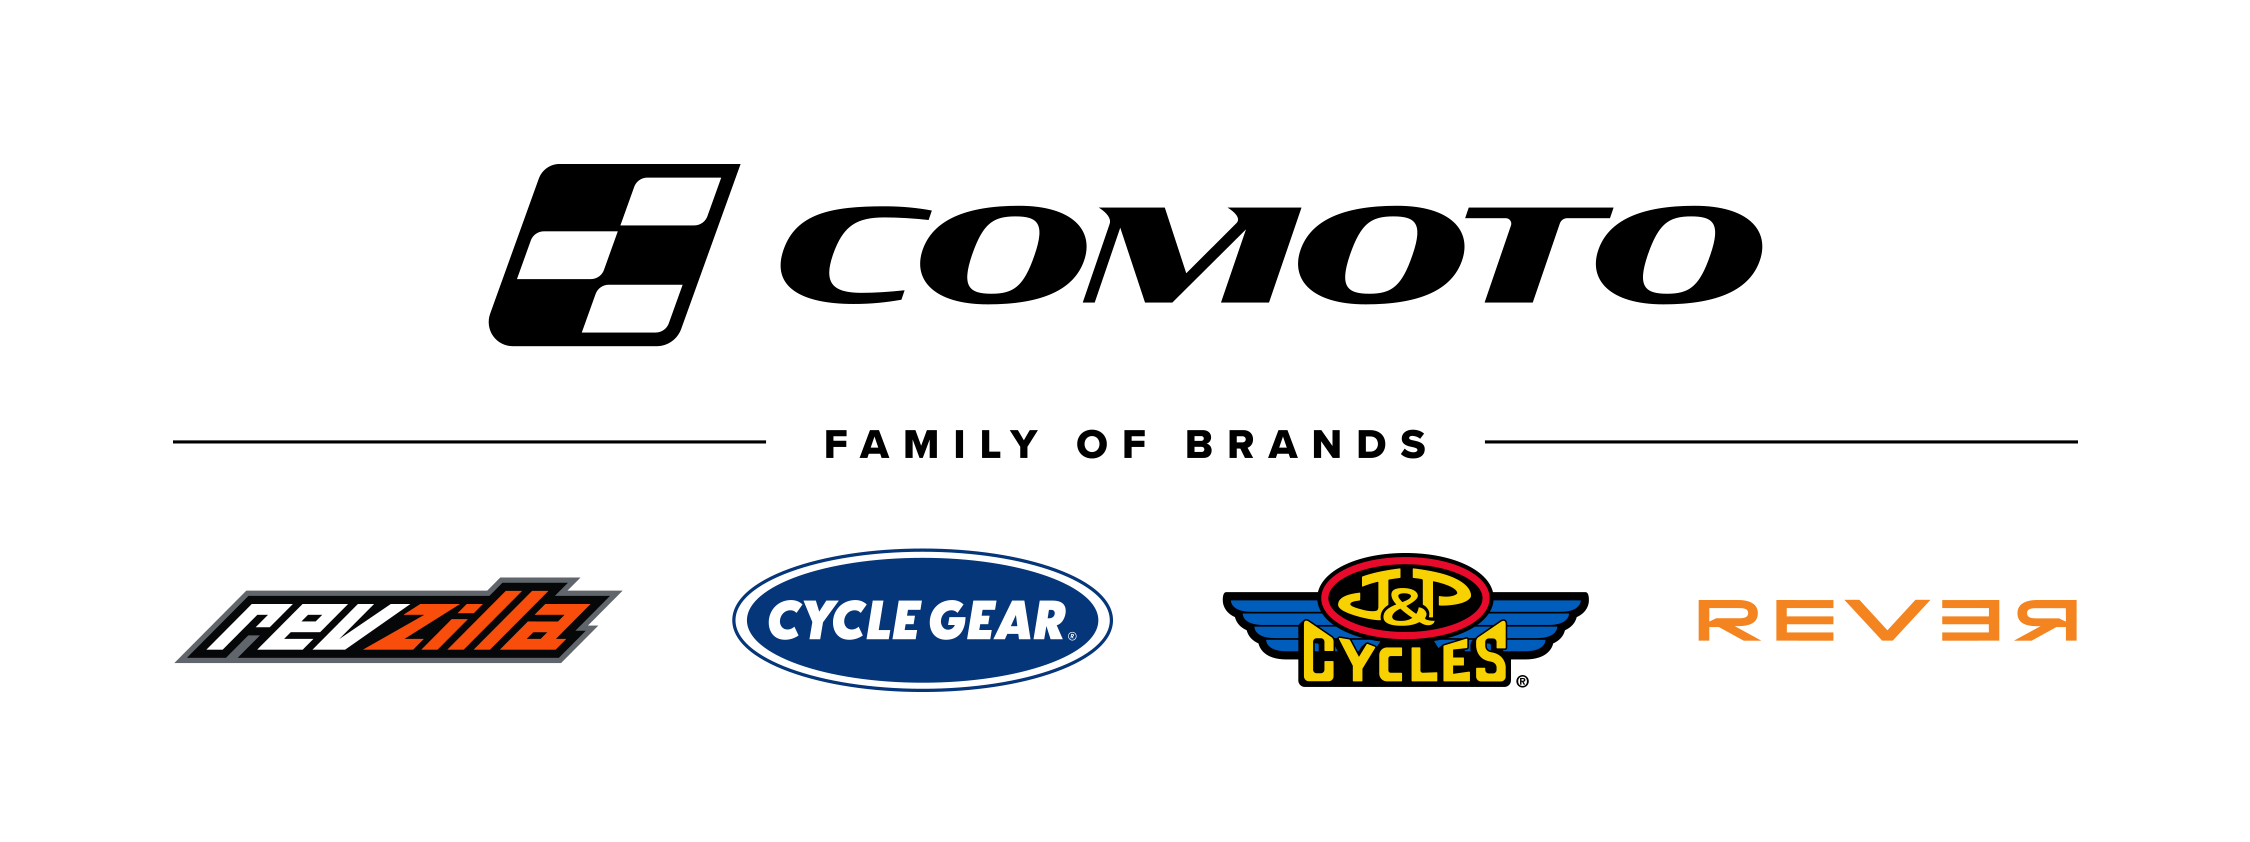 cyclegear logo